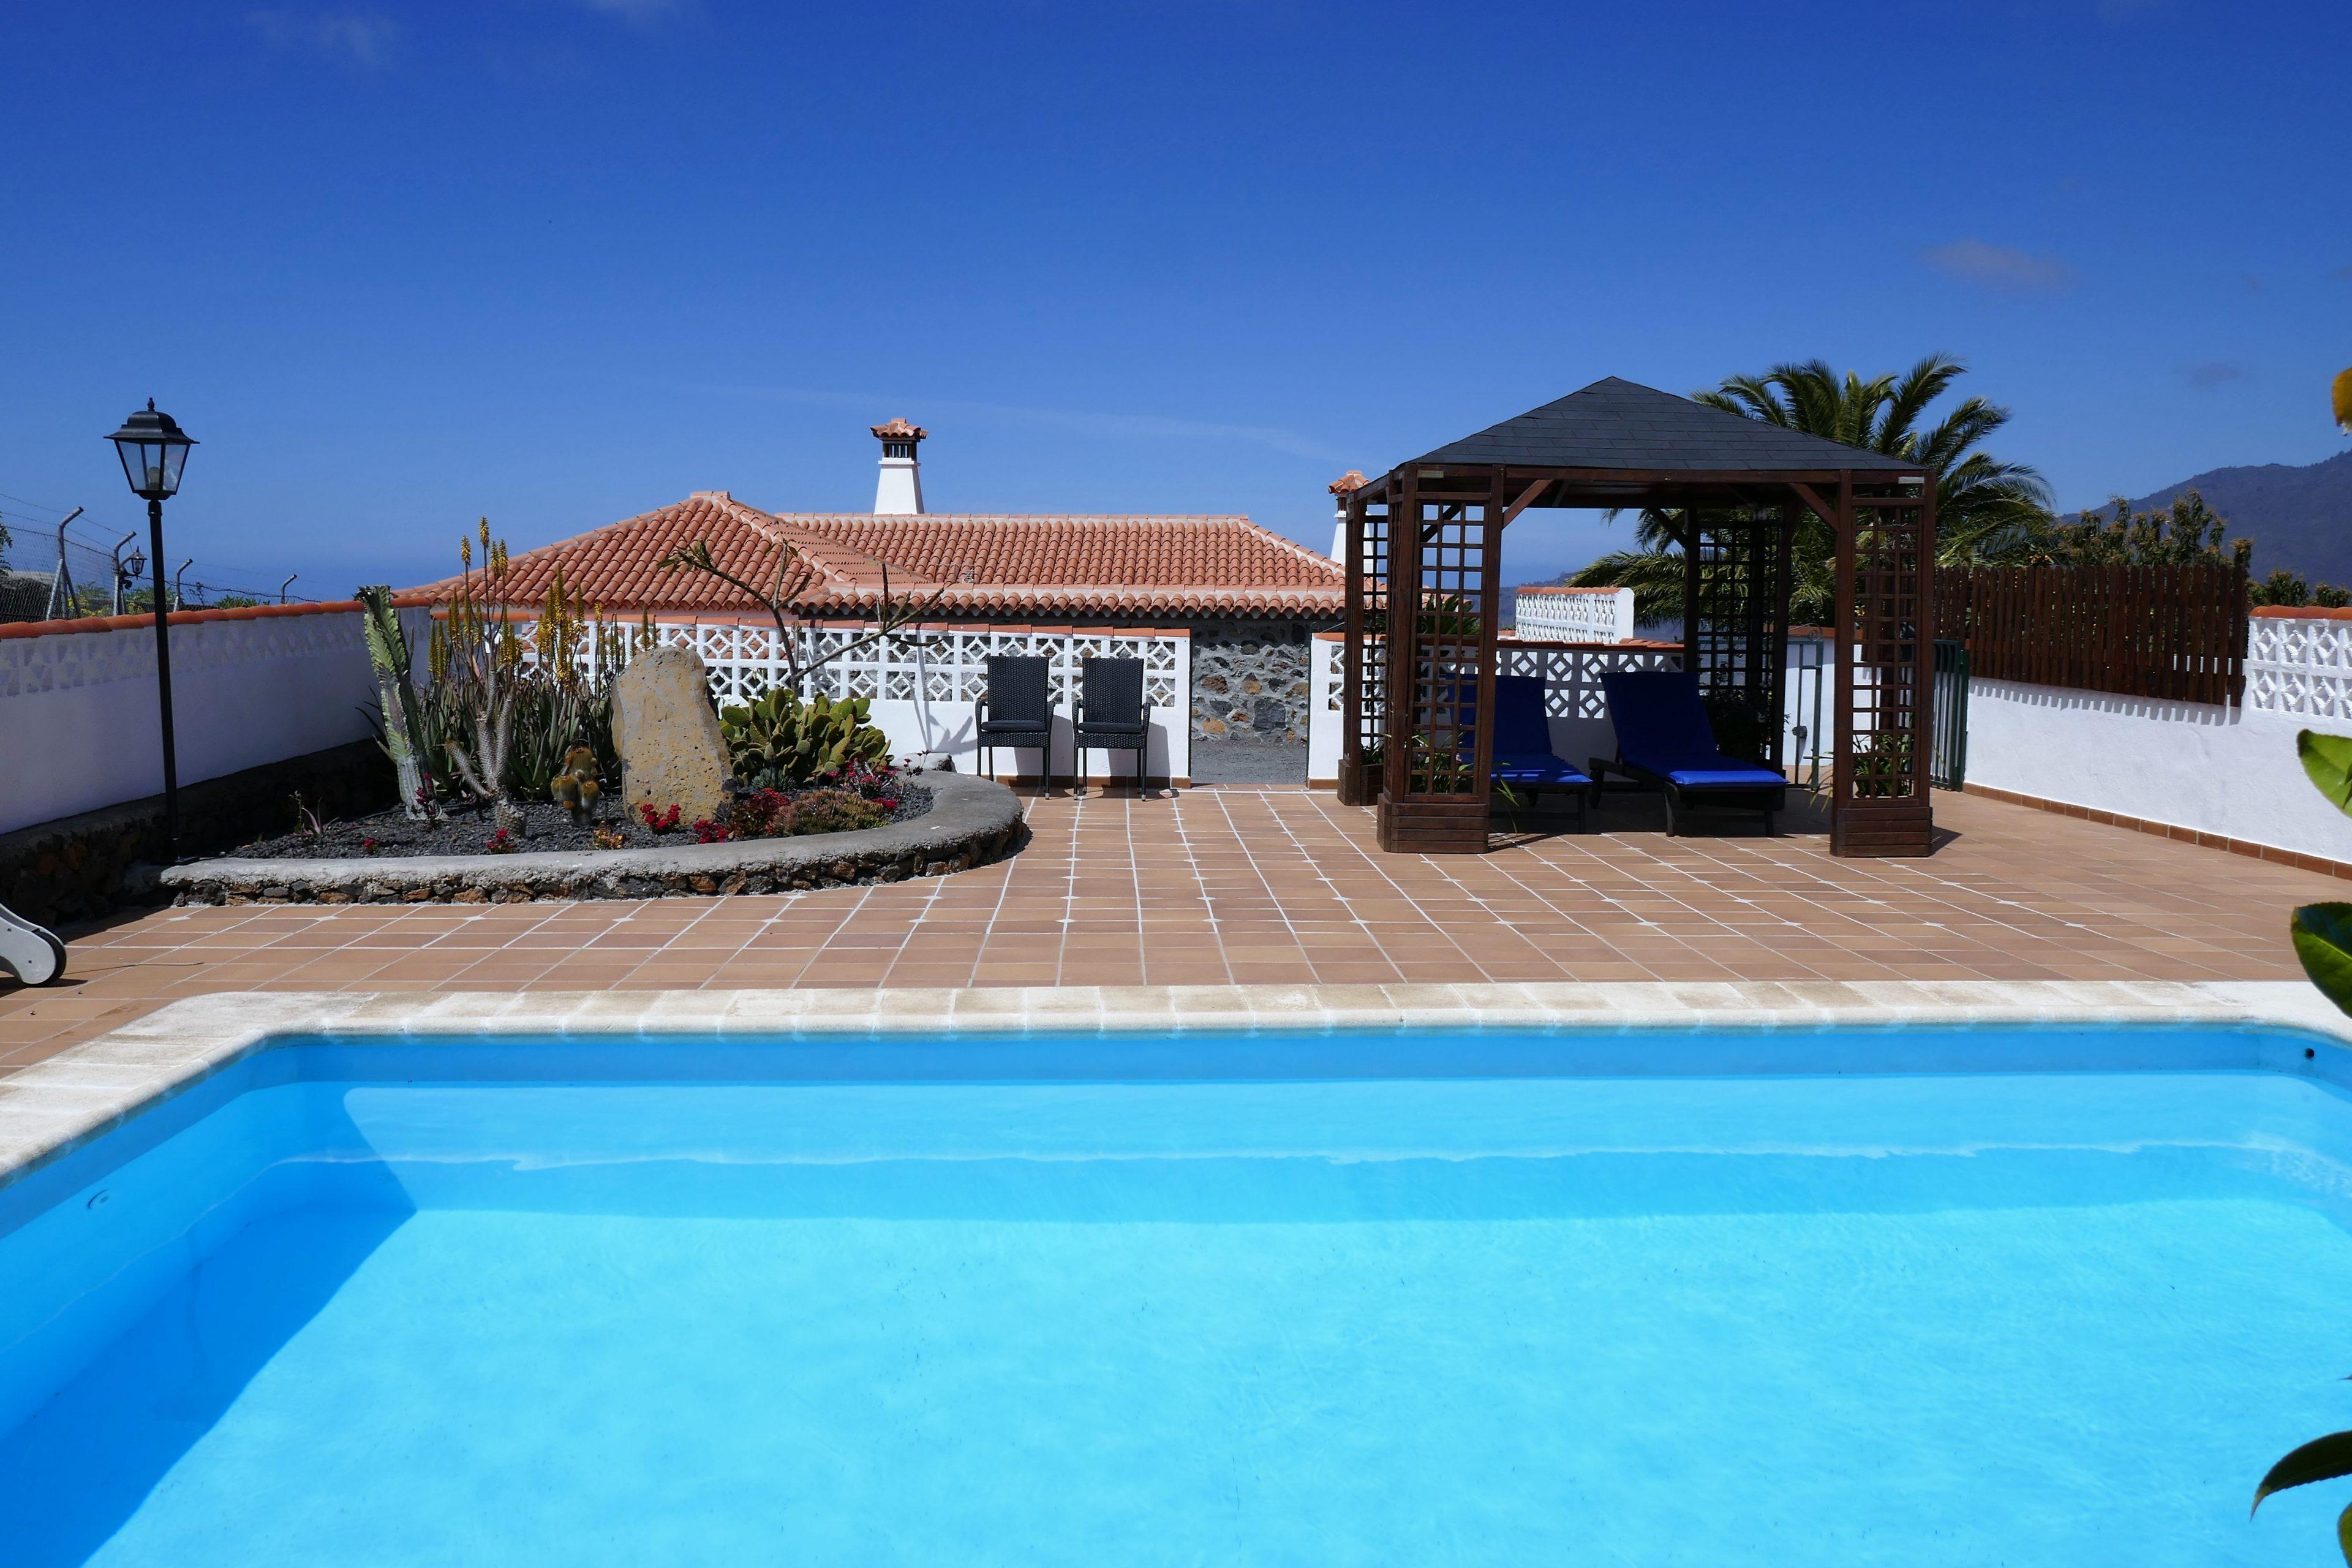 Zwembad van vakantiehuis Gamez.